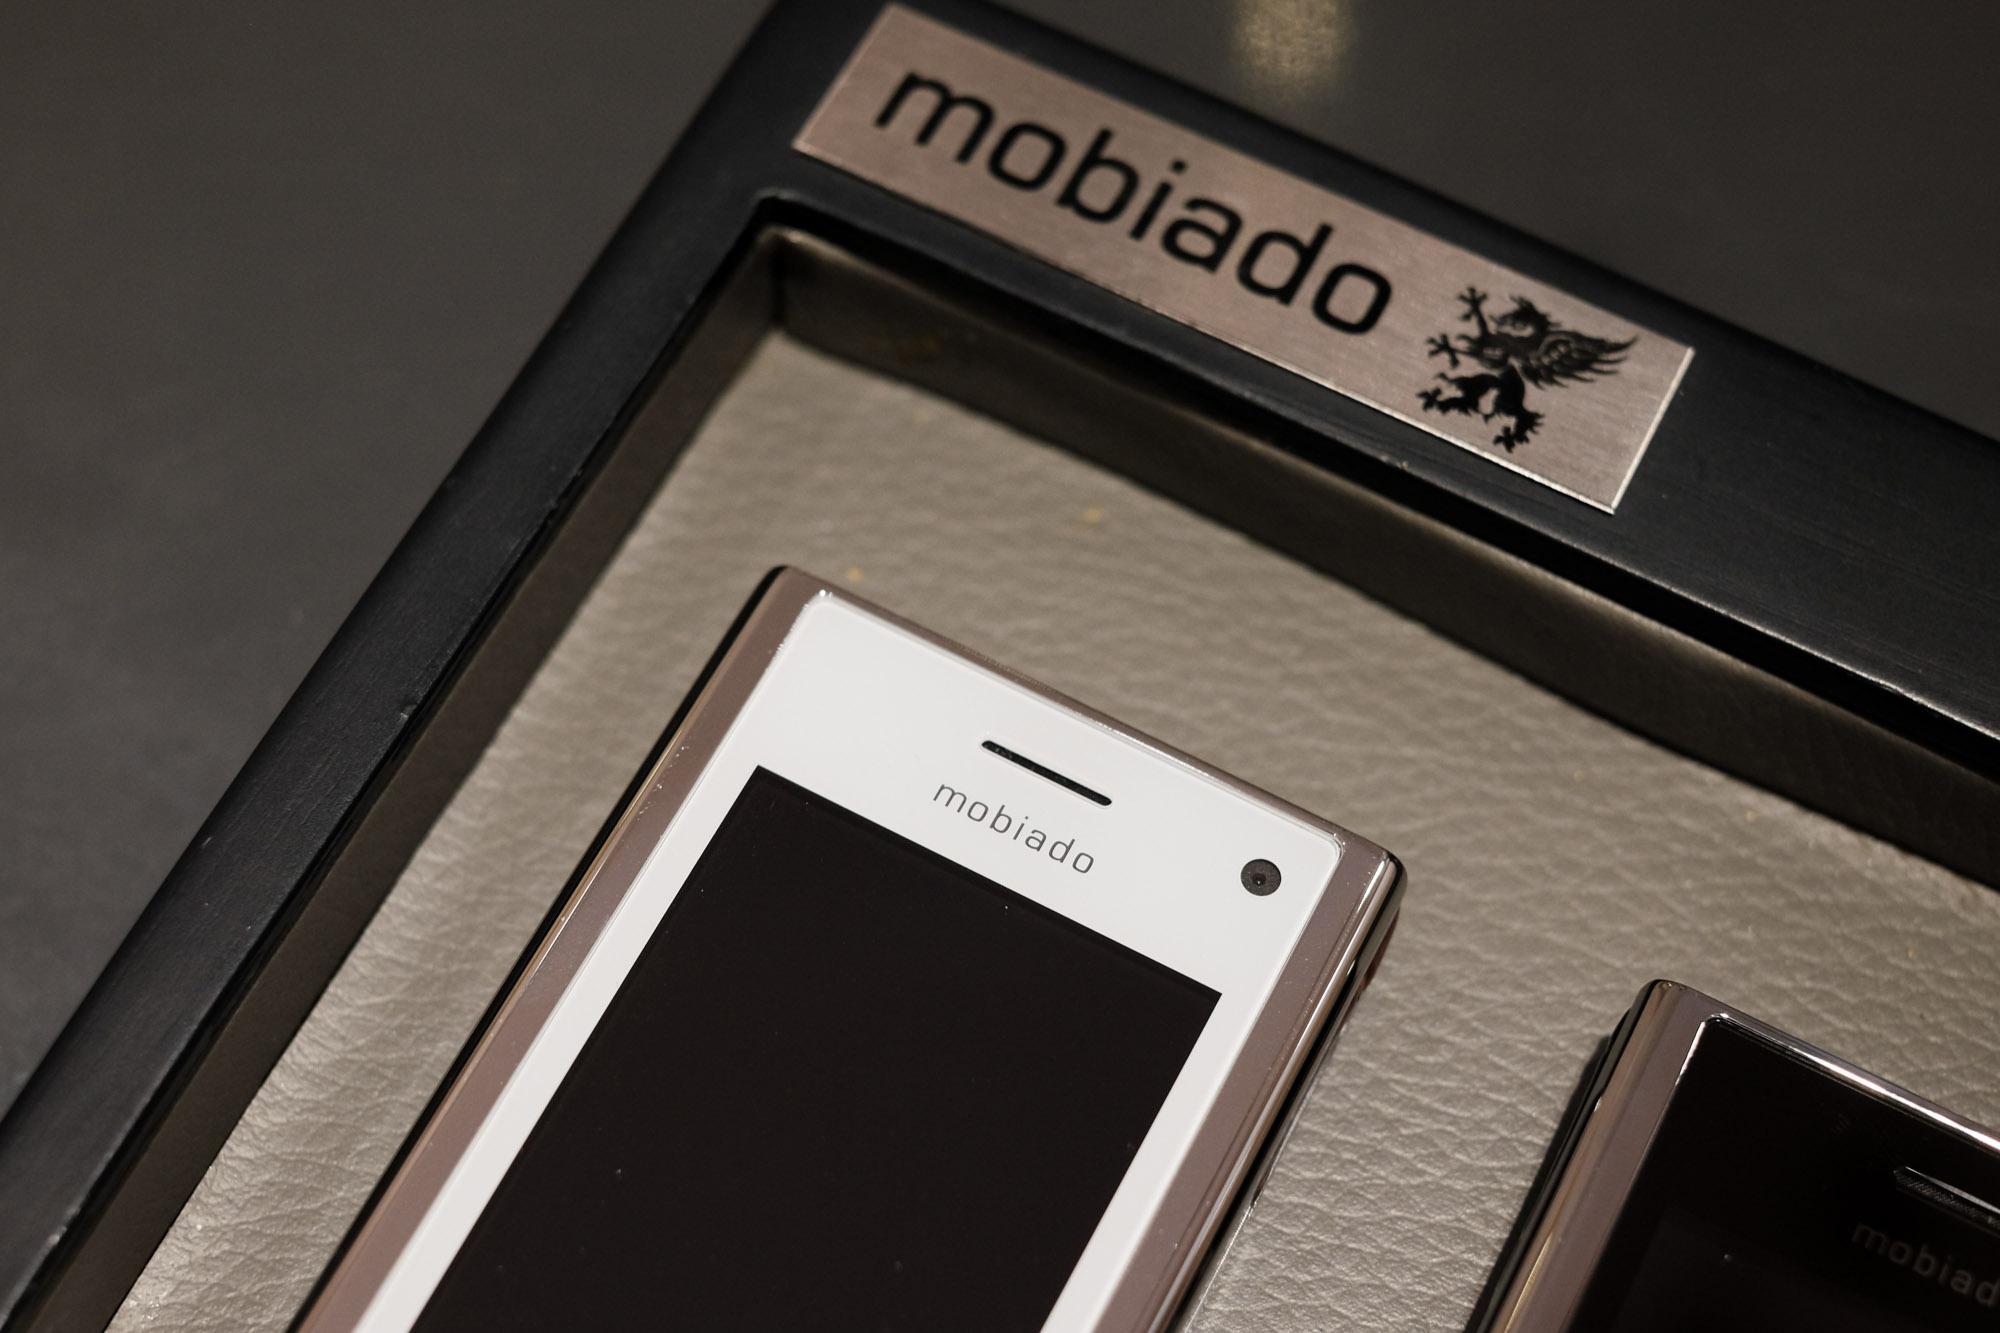 Ngắm nhìn điện thoại Mobiado hạng sang giá đắt nhất Việt Nam - Ảnh 7.